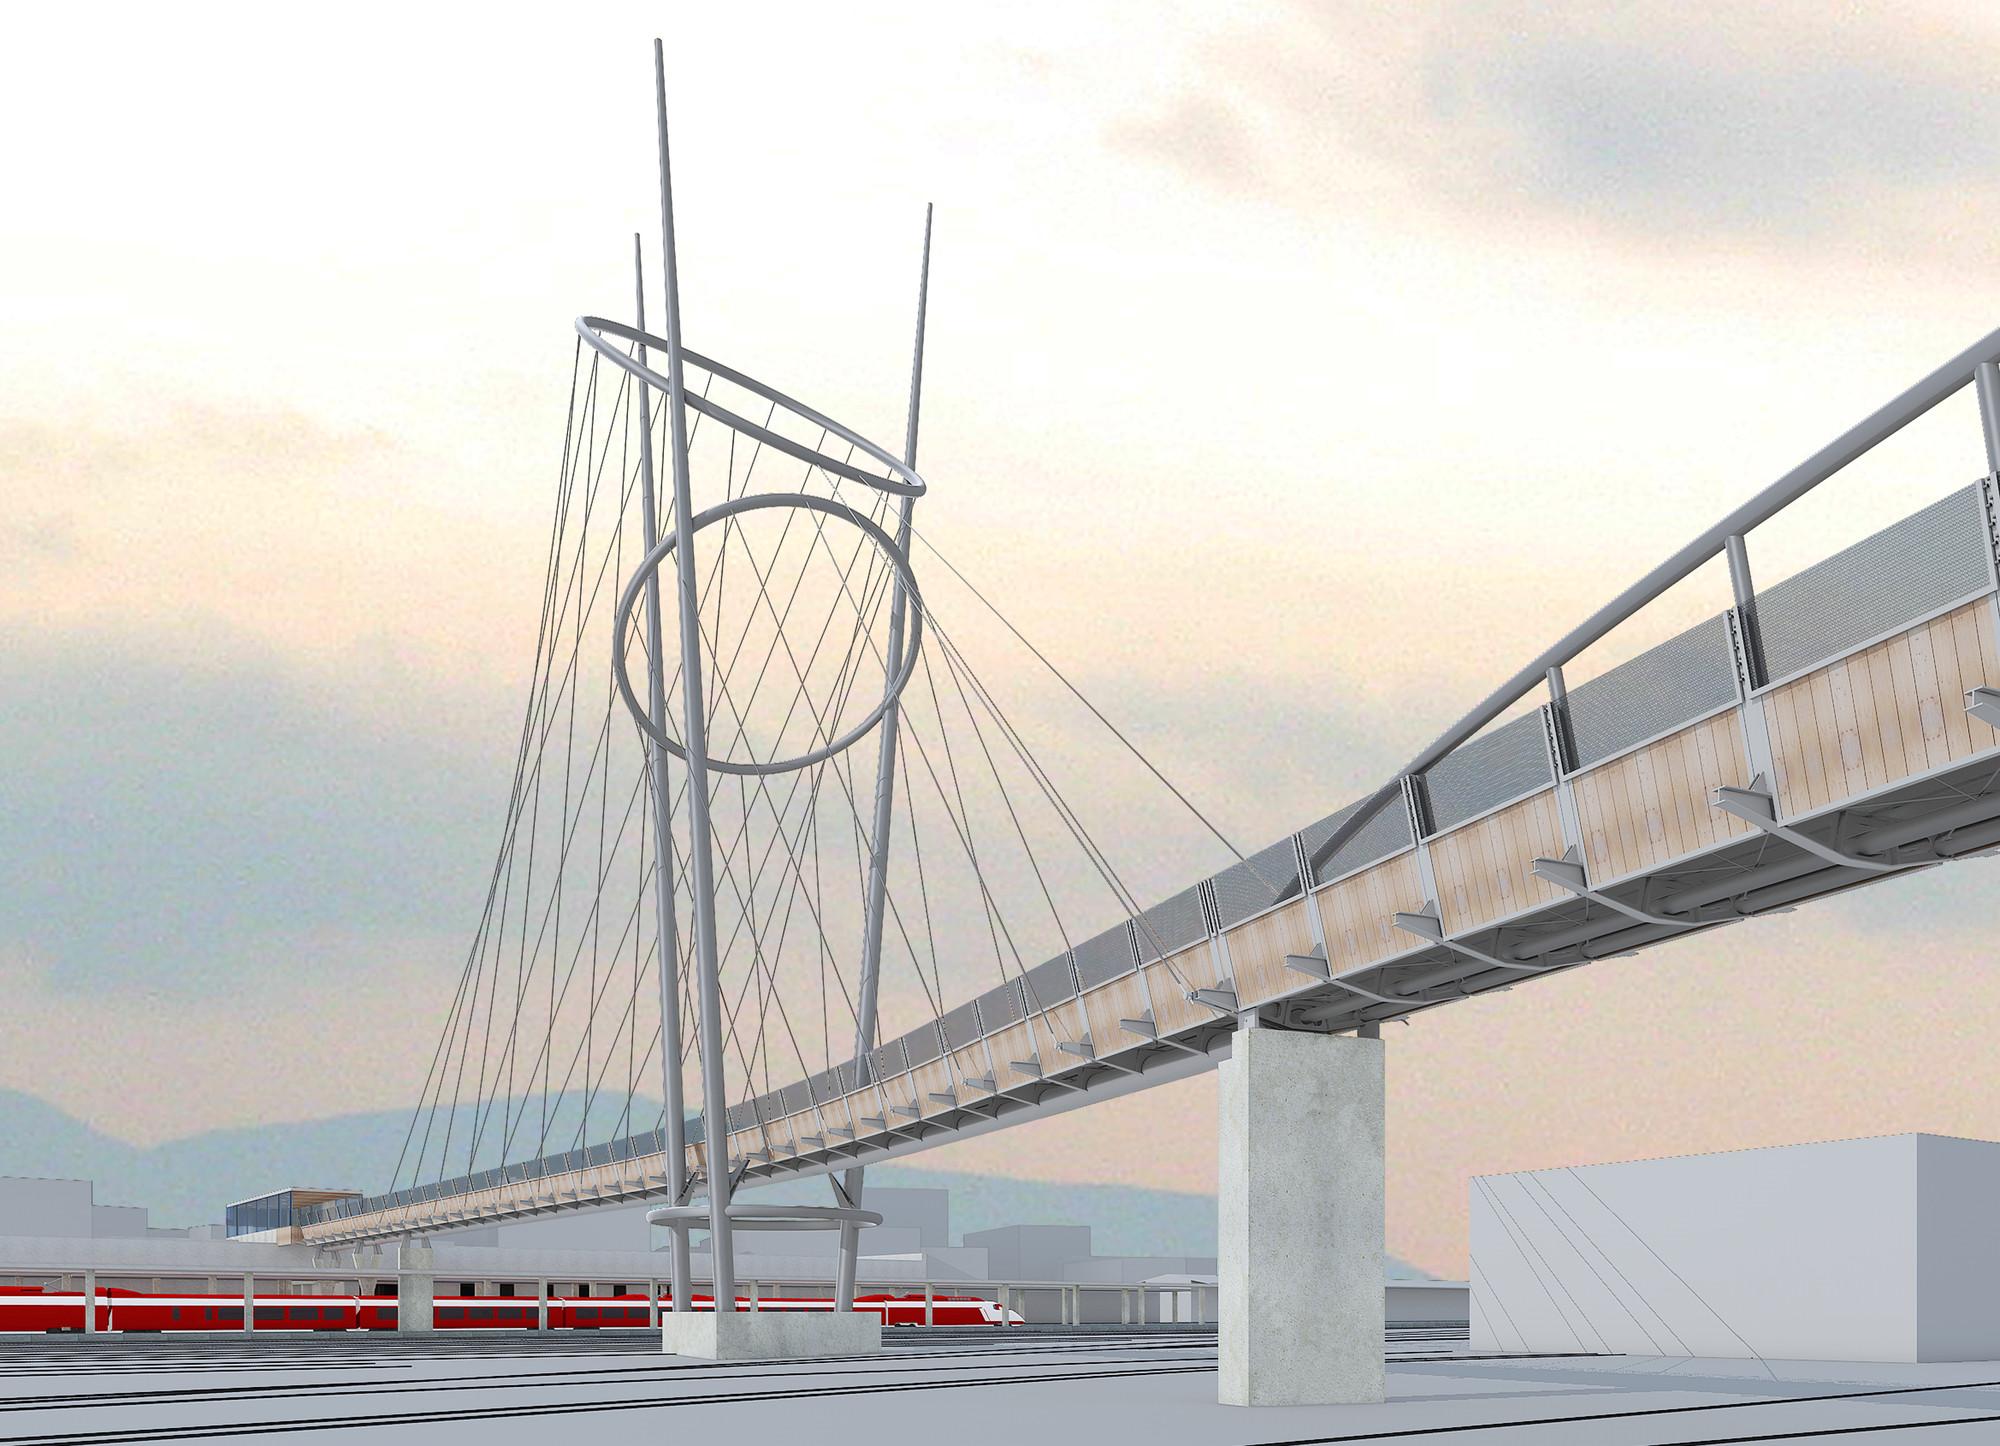 McDowell + Benedetti, comienzan la construcción del puente peatonal y estación de trenes en Terni, Cortesía de McDowell+Benedetti